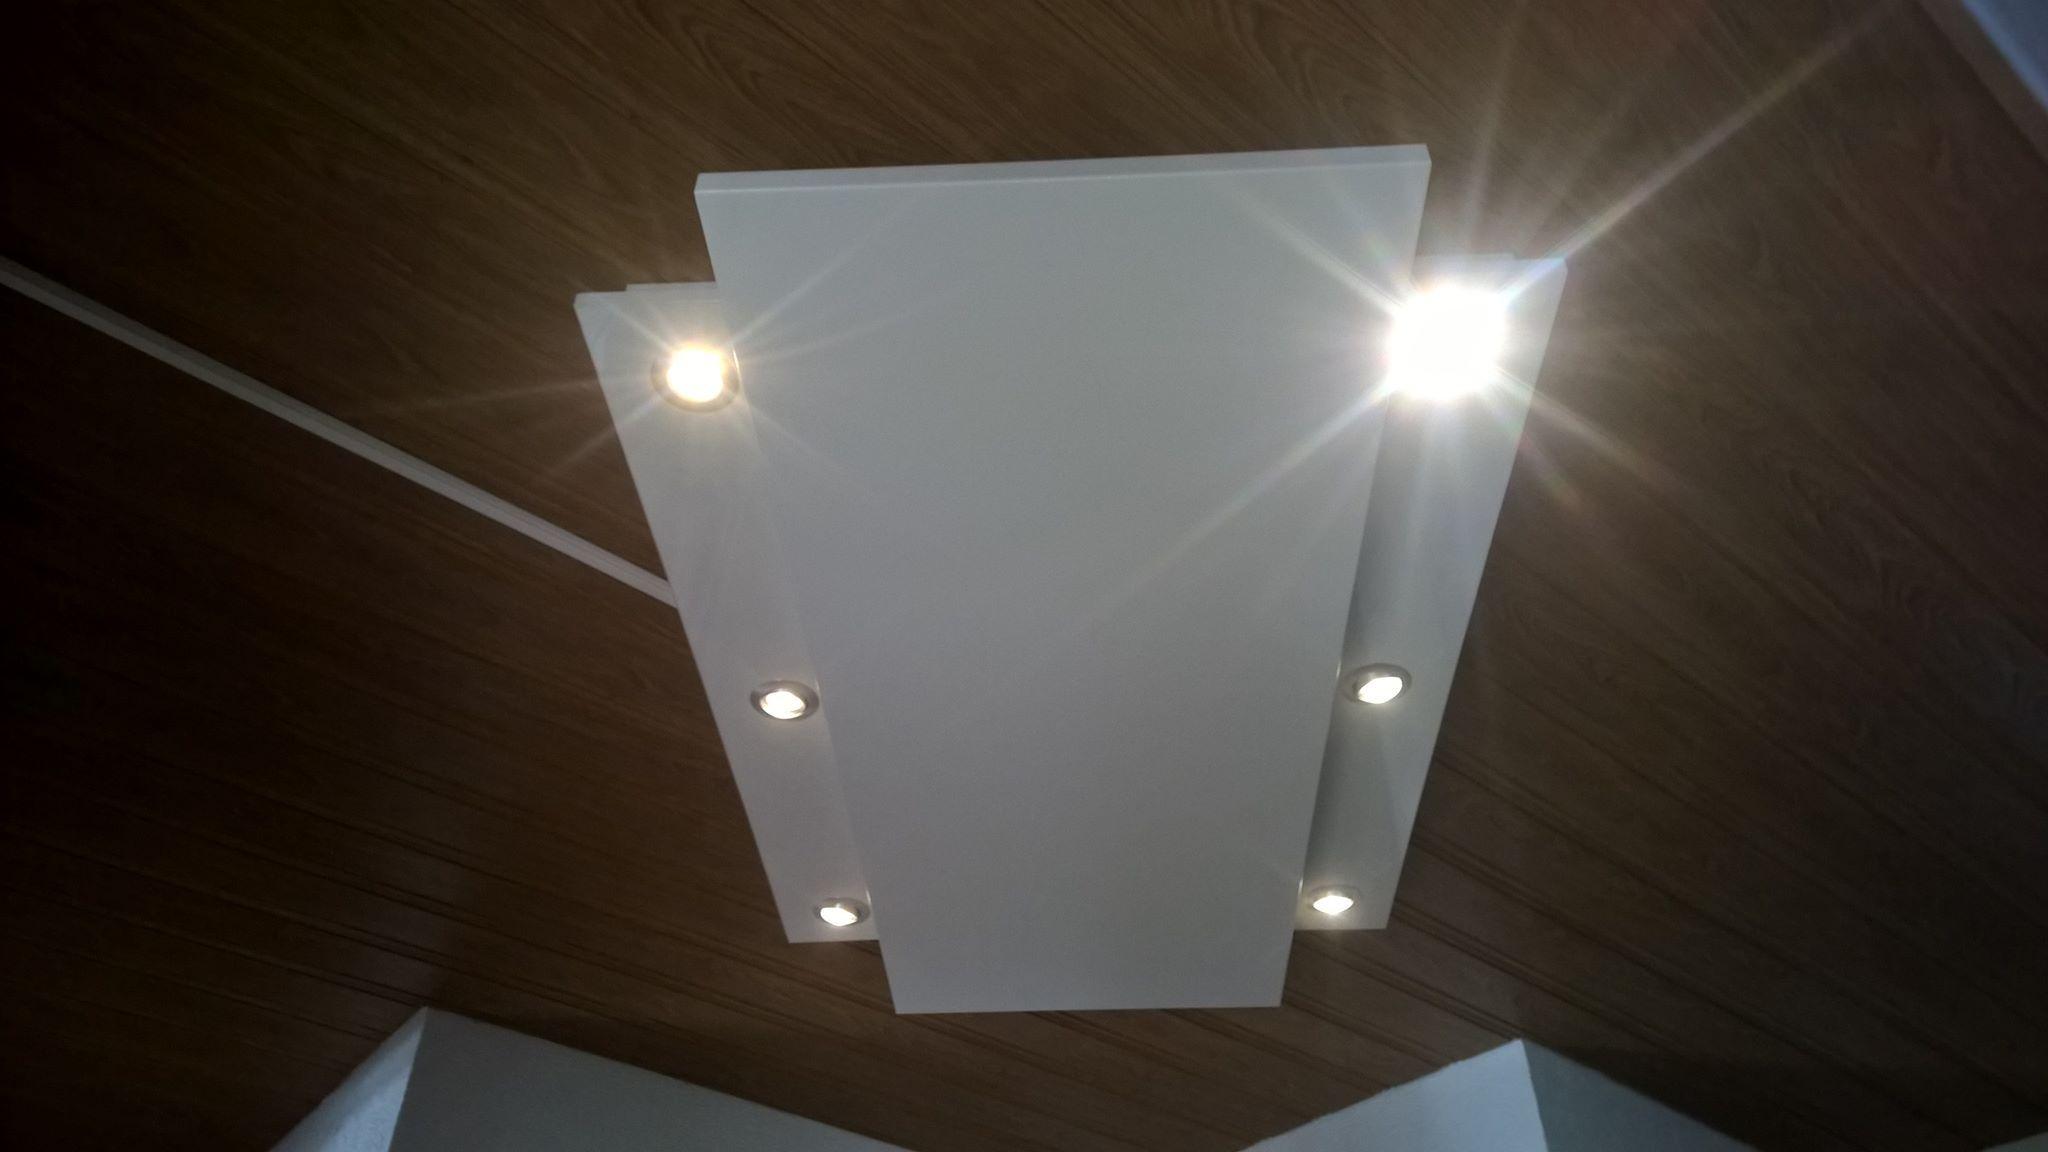 Die Perfekte Kombination Aus Infrarotheizung Und Beleuchtung In Einem Wunderschonen Lichtpaneel Led Spot Infr Infrarotheizung Beleuchtung Schlafzimmerfarbe